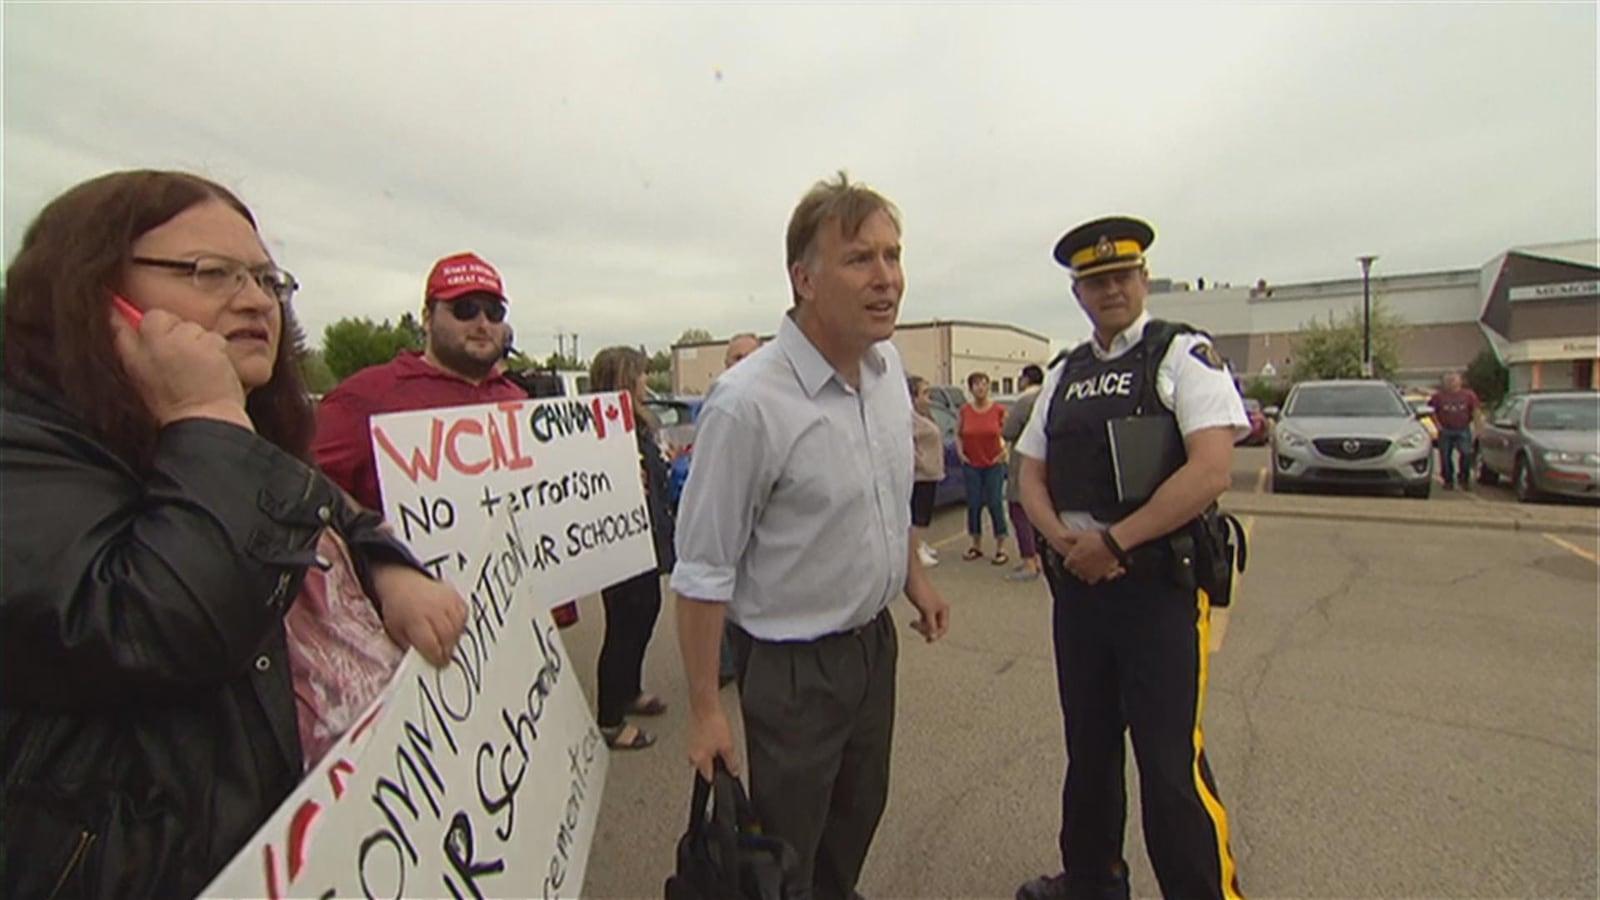 Début d'une manifestation avec des pancartes et un agent de police